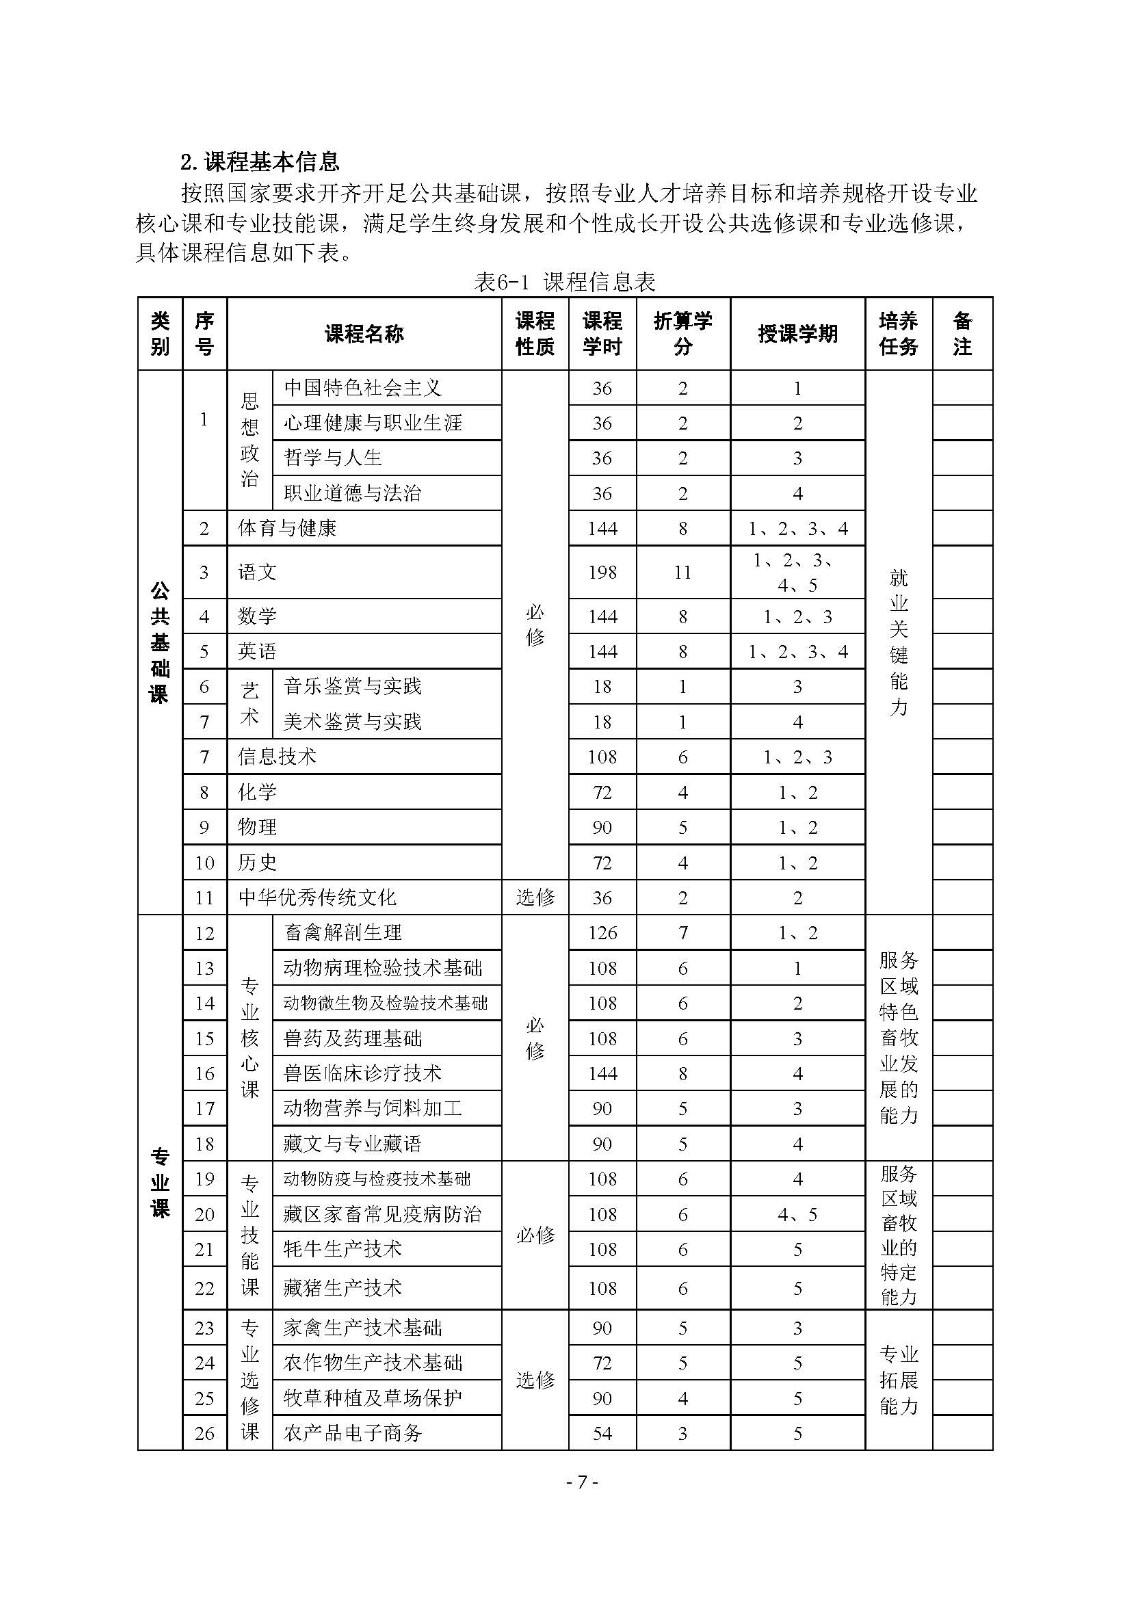 畜牧兽医专业人才培养方案_页面_09.jpg